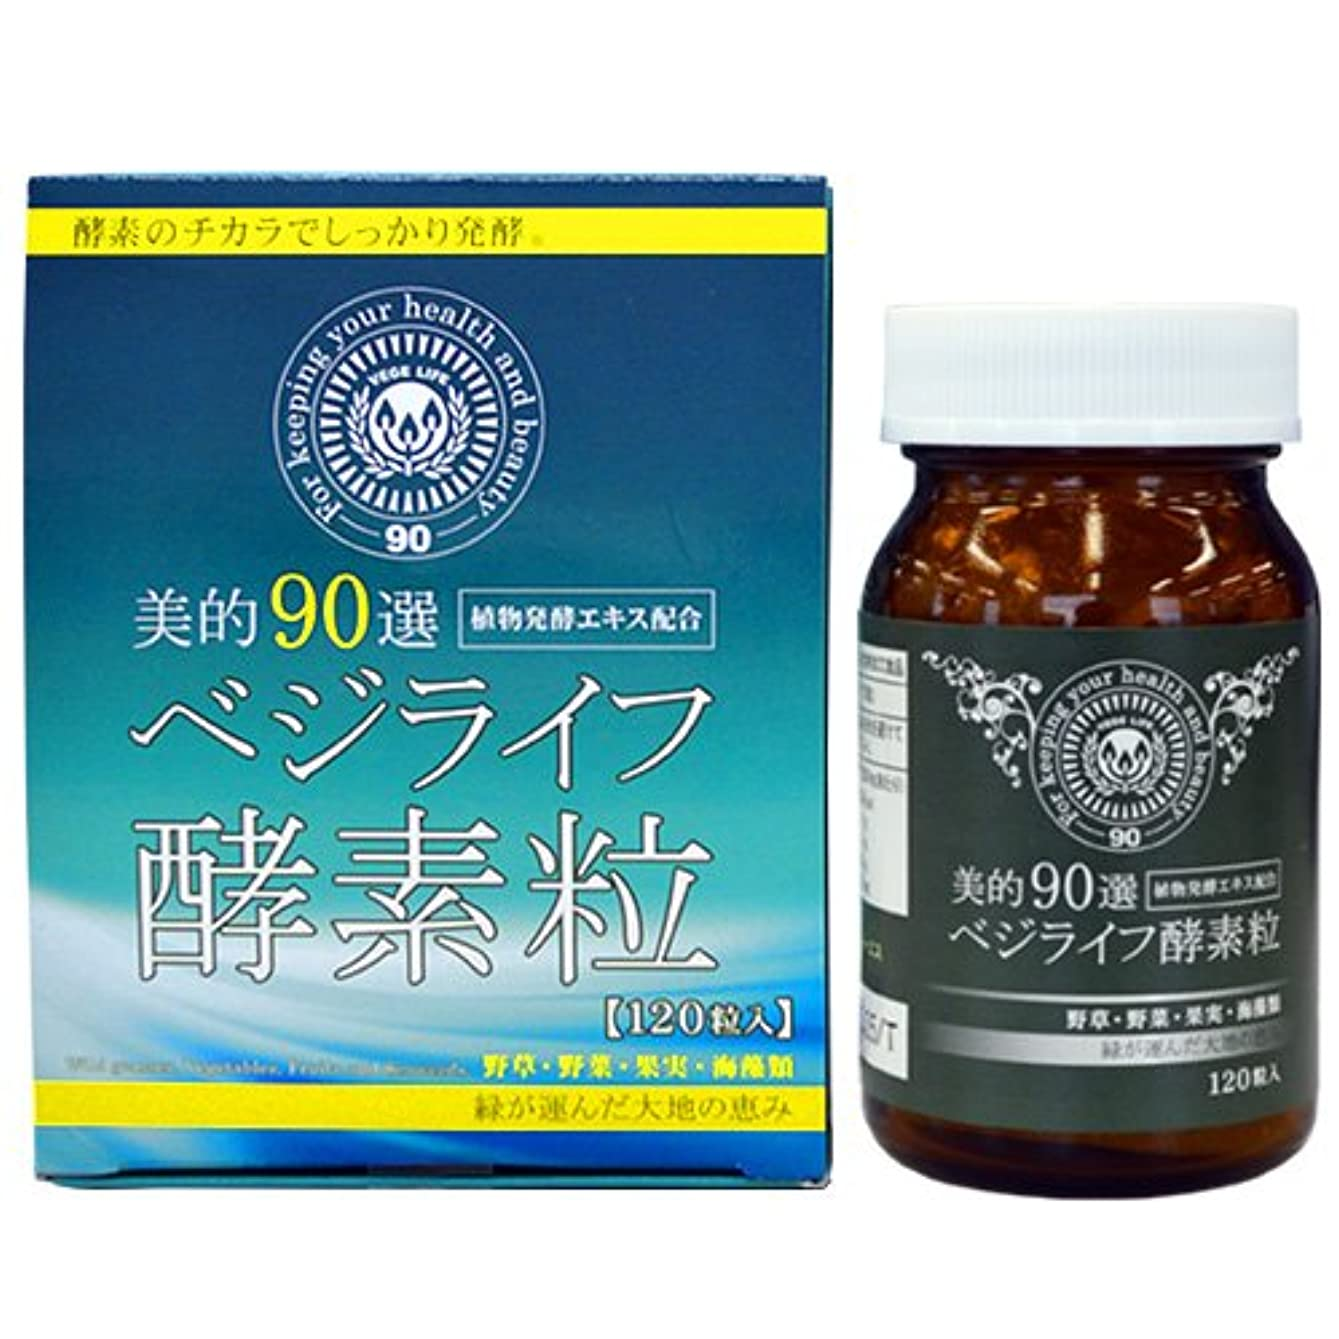 ドル冷酷な相手植物発酵エキス配合 美的90選ベジライフ酵素粒(120粒入り)